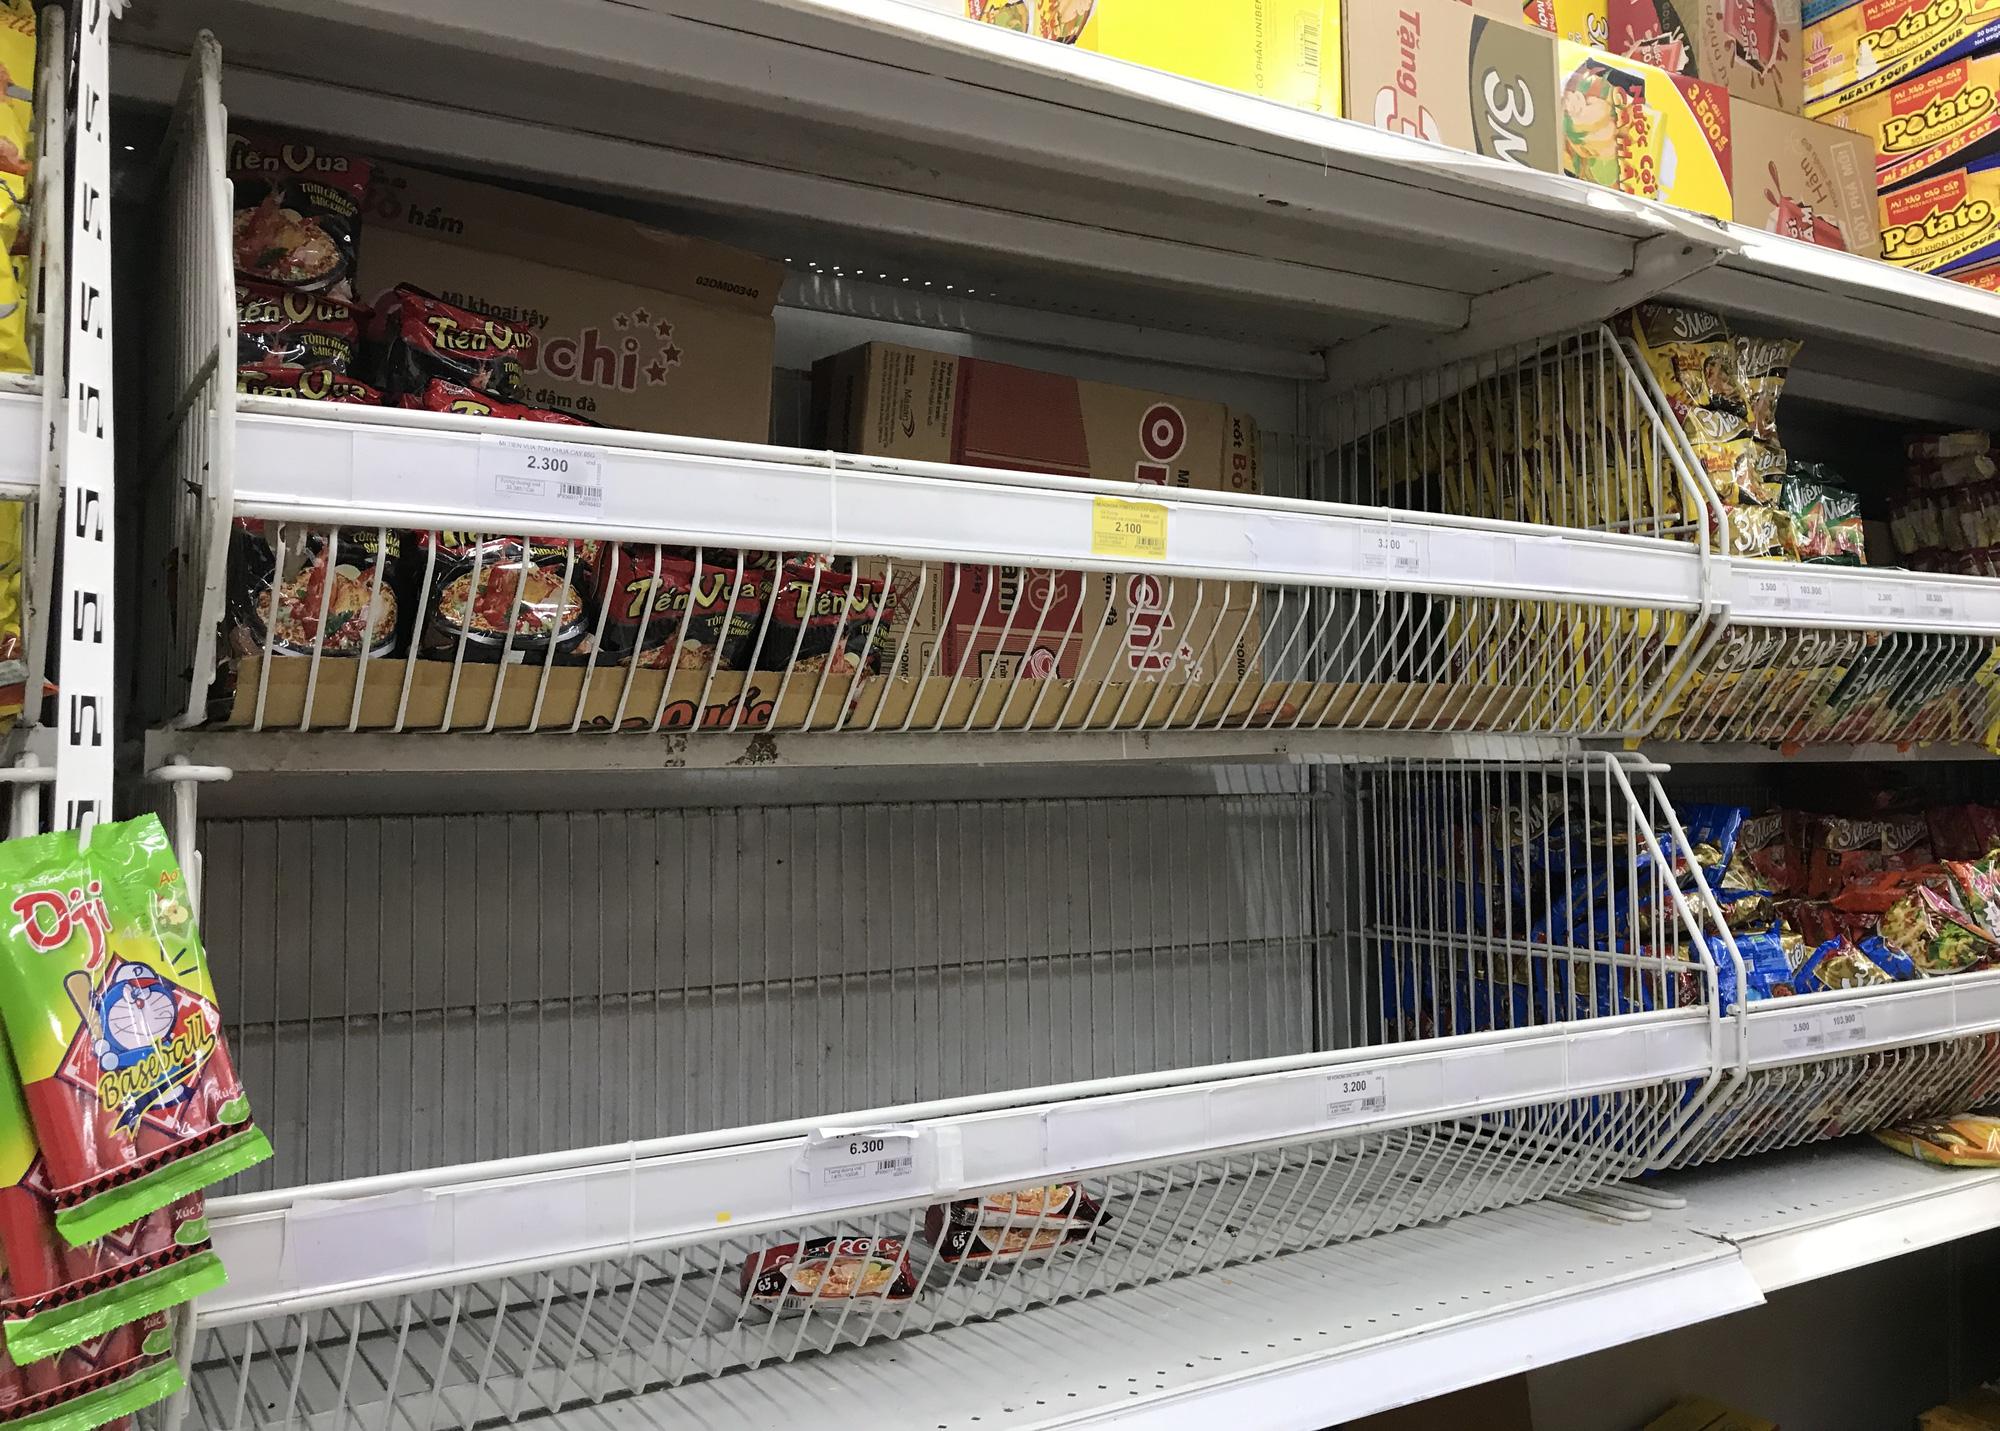 Quầy rau xanh, mì gói tại siêu thị hết từ sáng sớm vì virus corona - Ảnh 4.